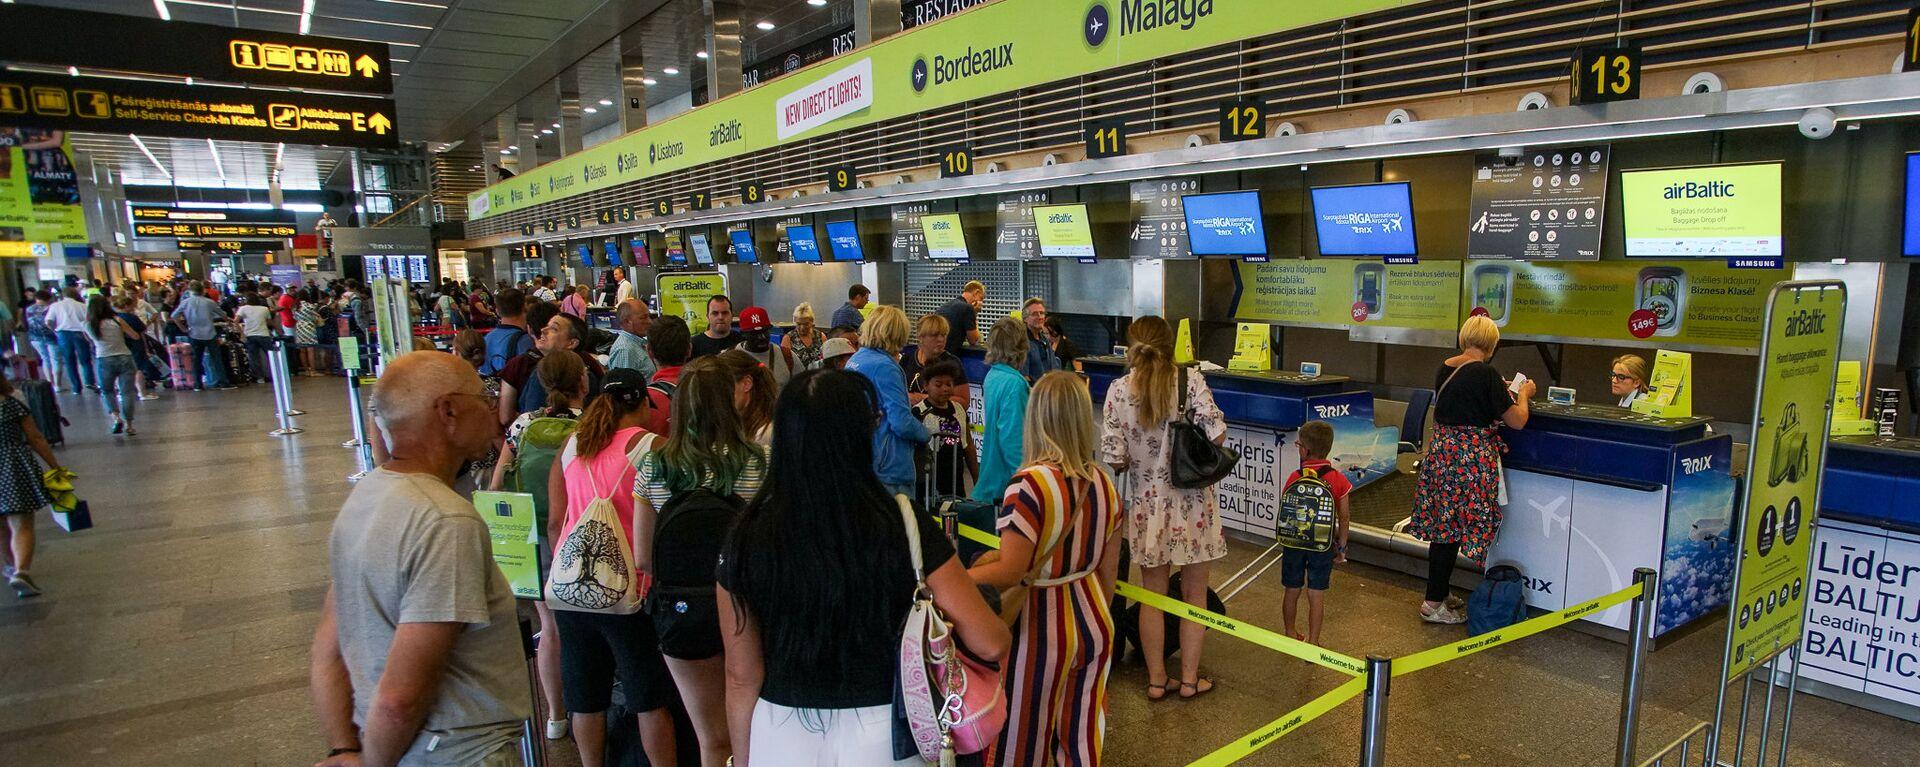 Пассажиры на регистрации в аэропорту Рига - Sputnik Латвия, 1920, 07.06.2021